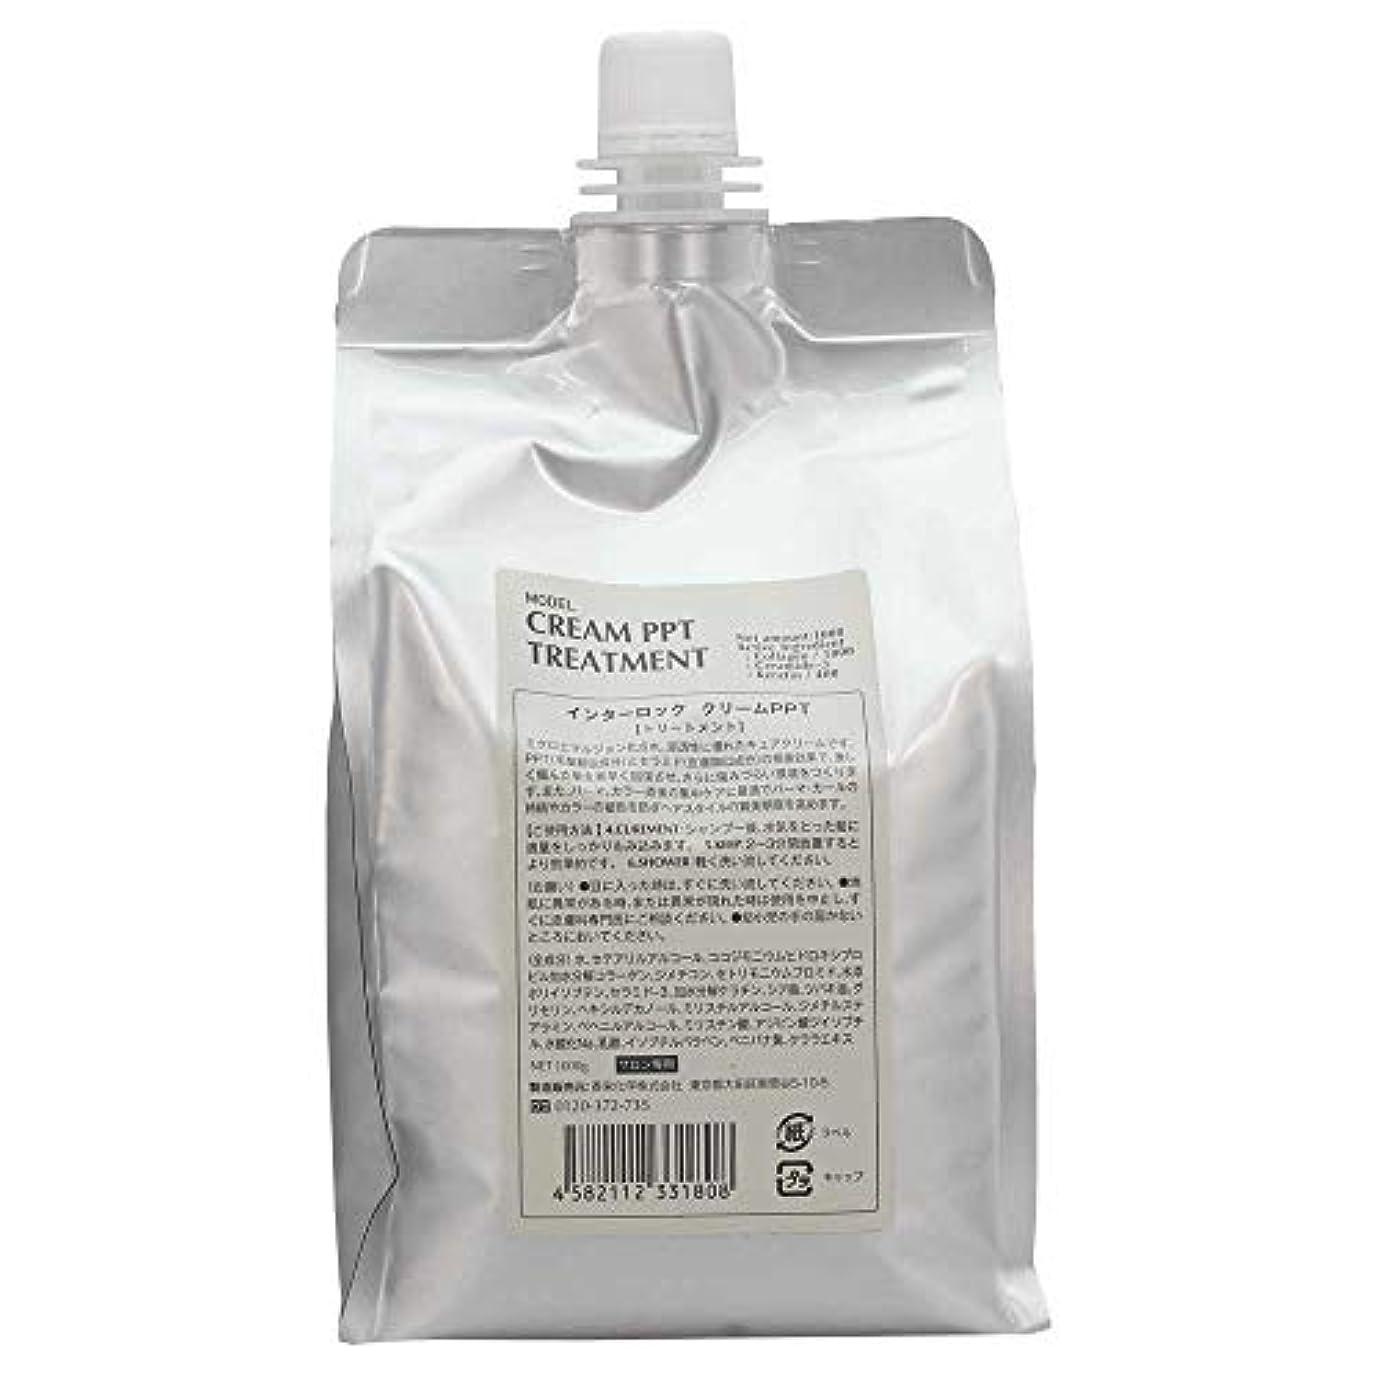 香栄化学 クリームPPT トリートメント レフィル 1000g